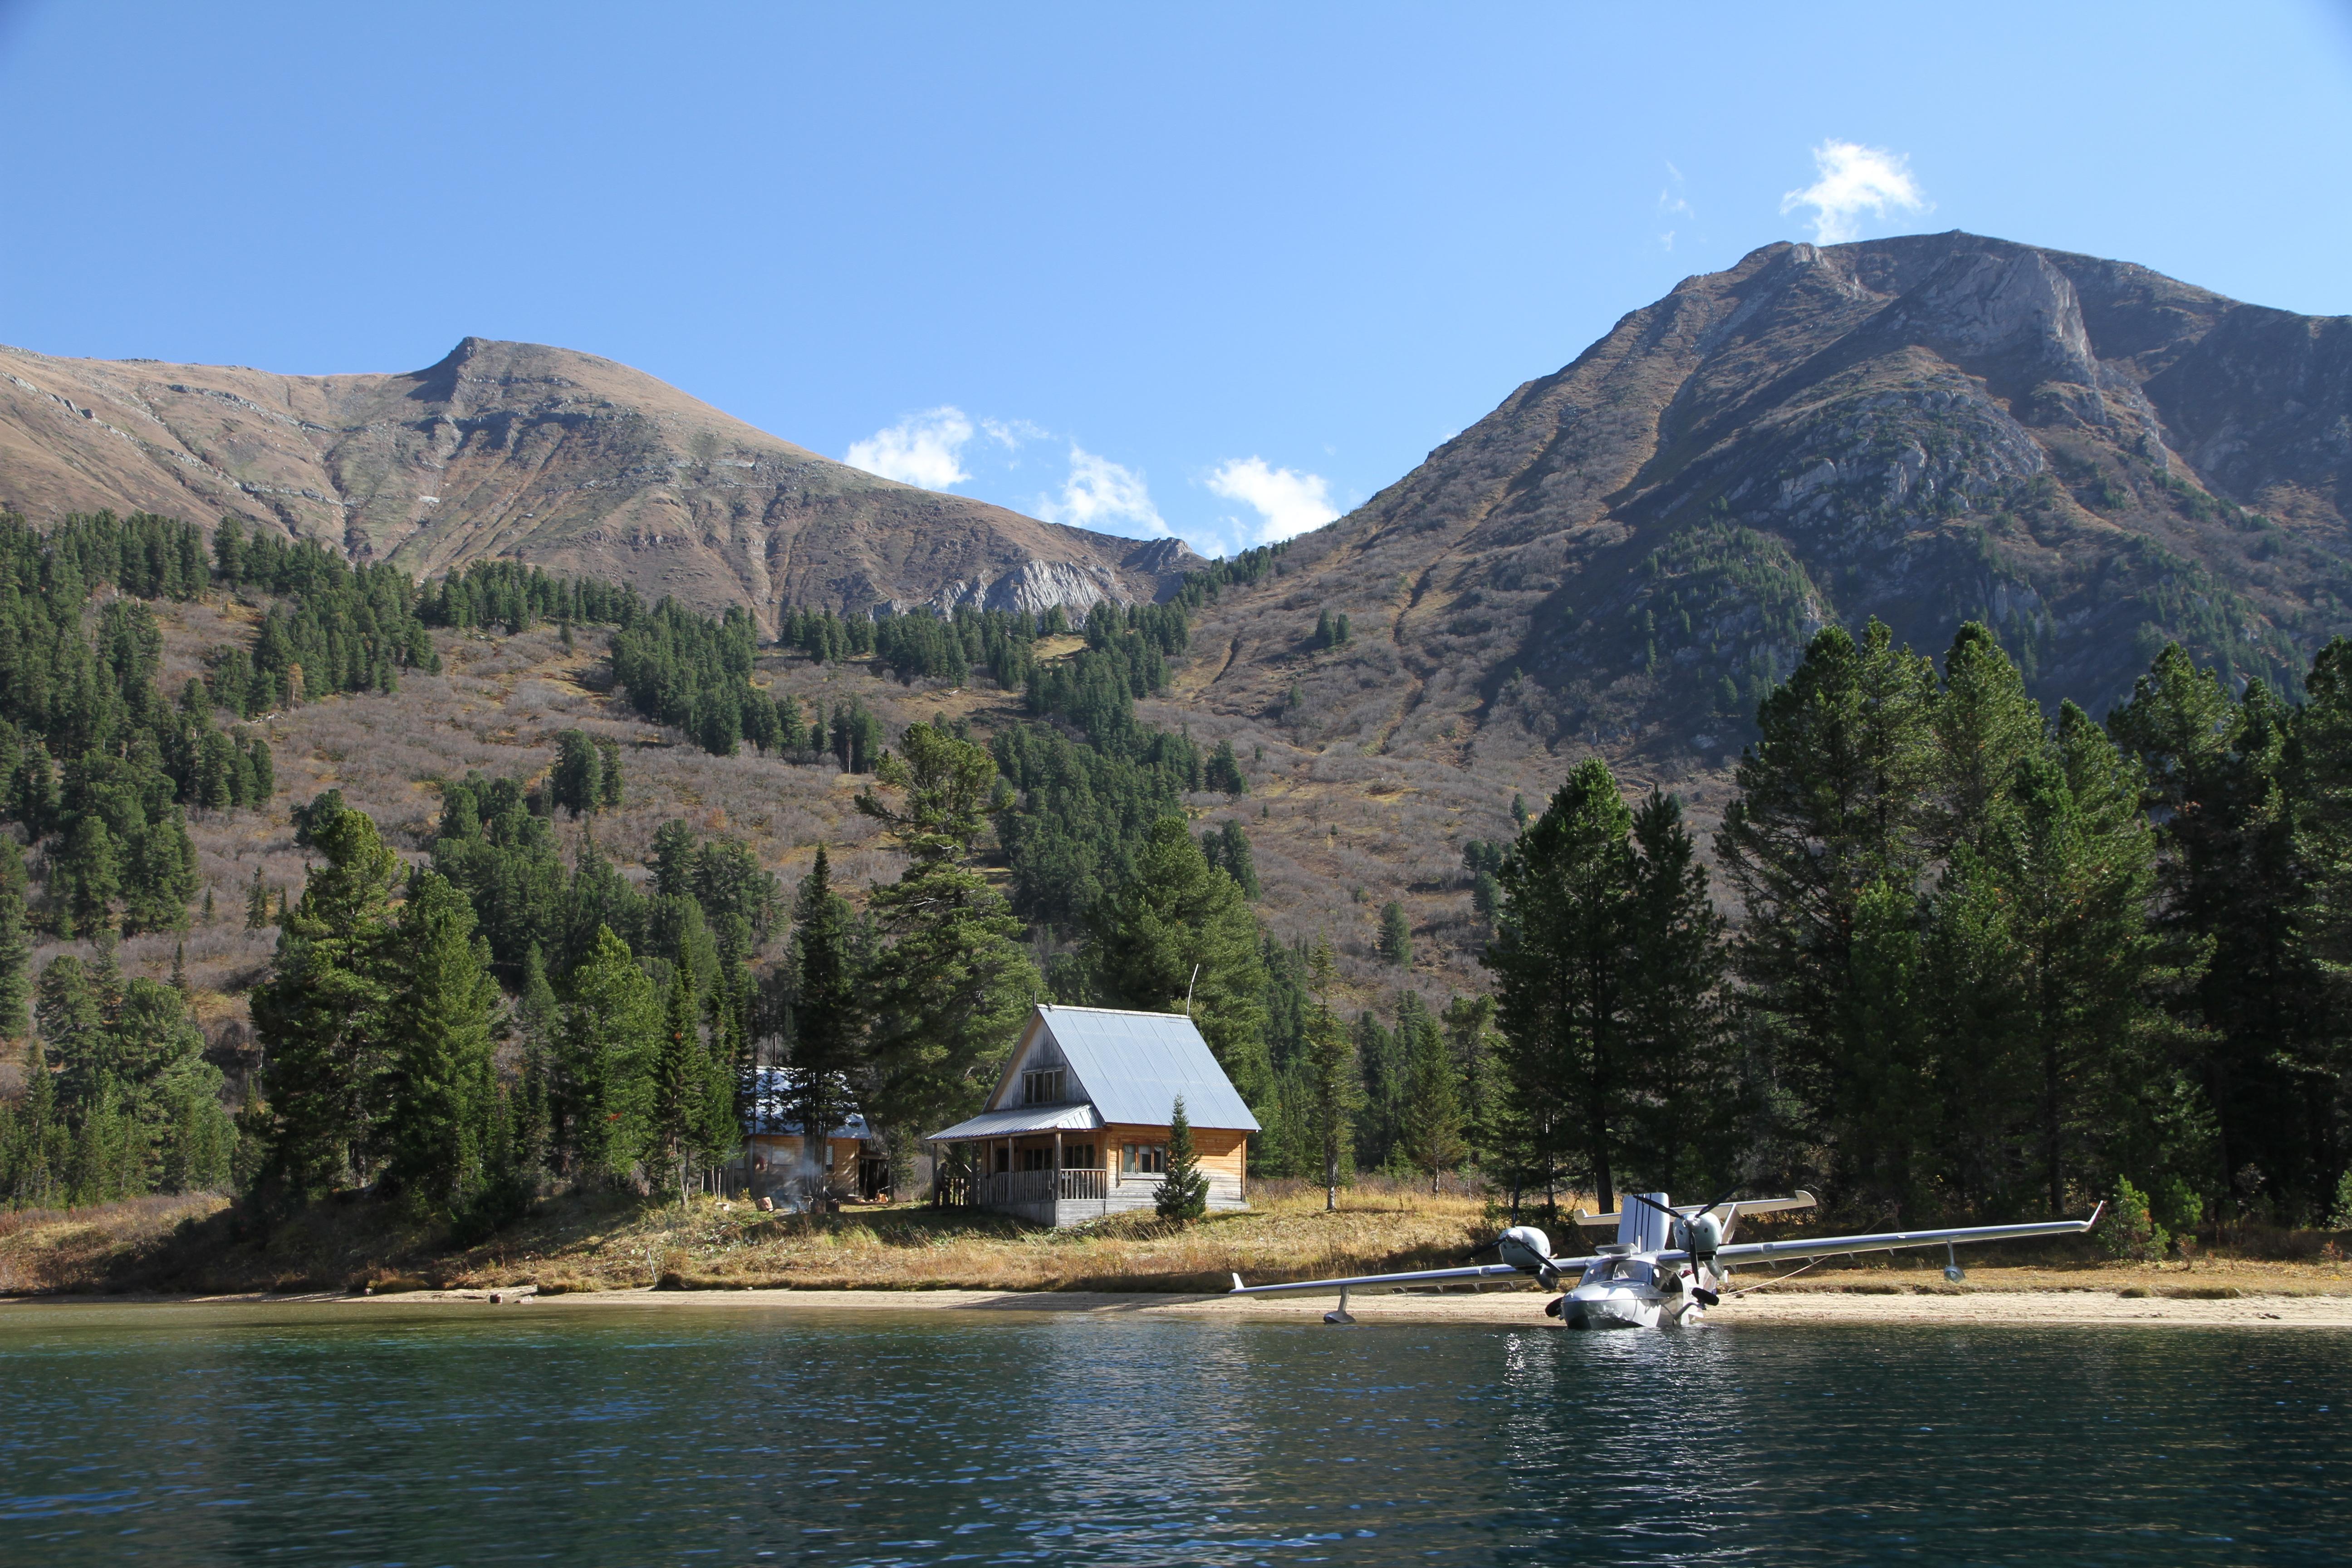 Tofalaria Il rifugio sul Lago degli Orsi - Russia Trekking